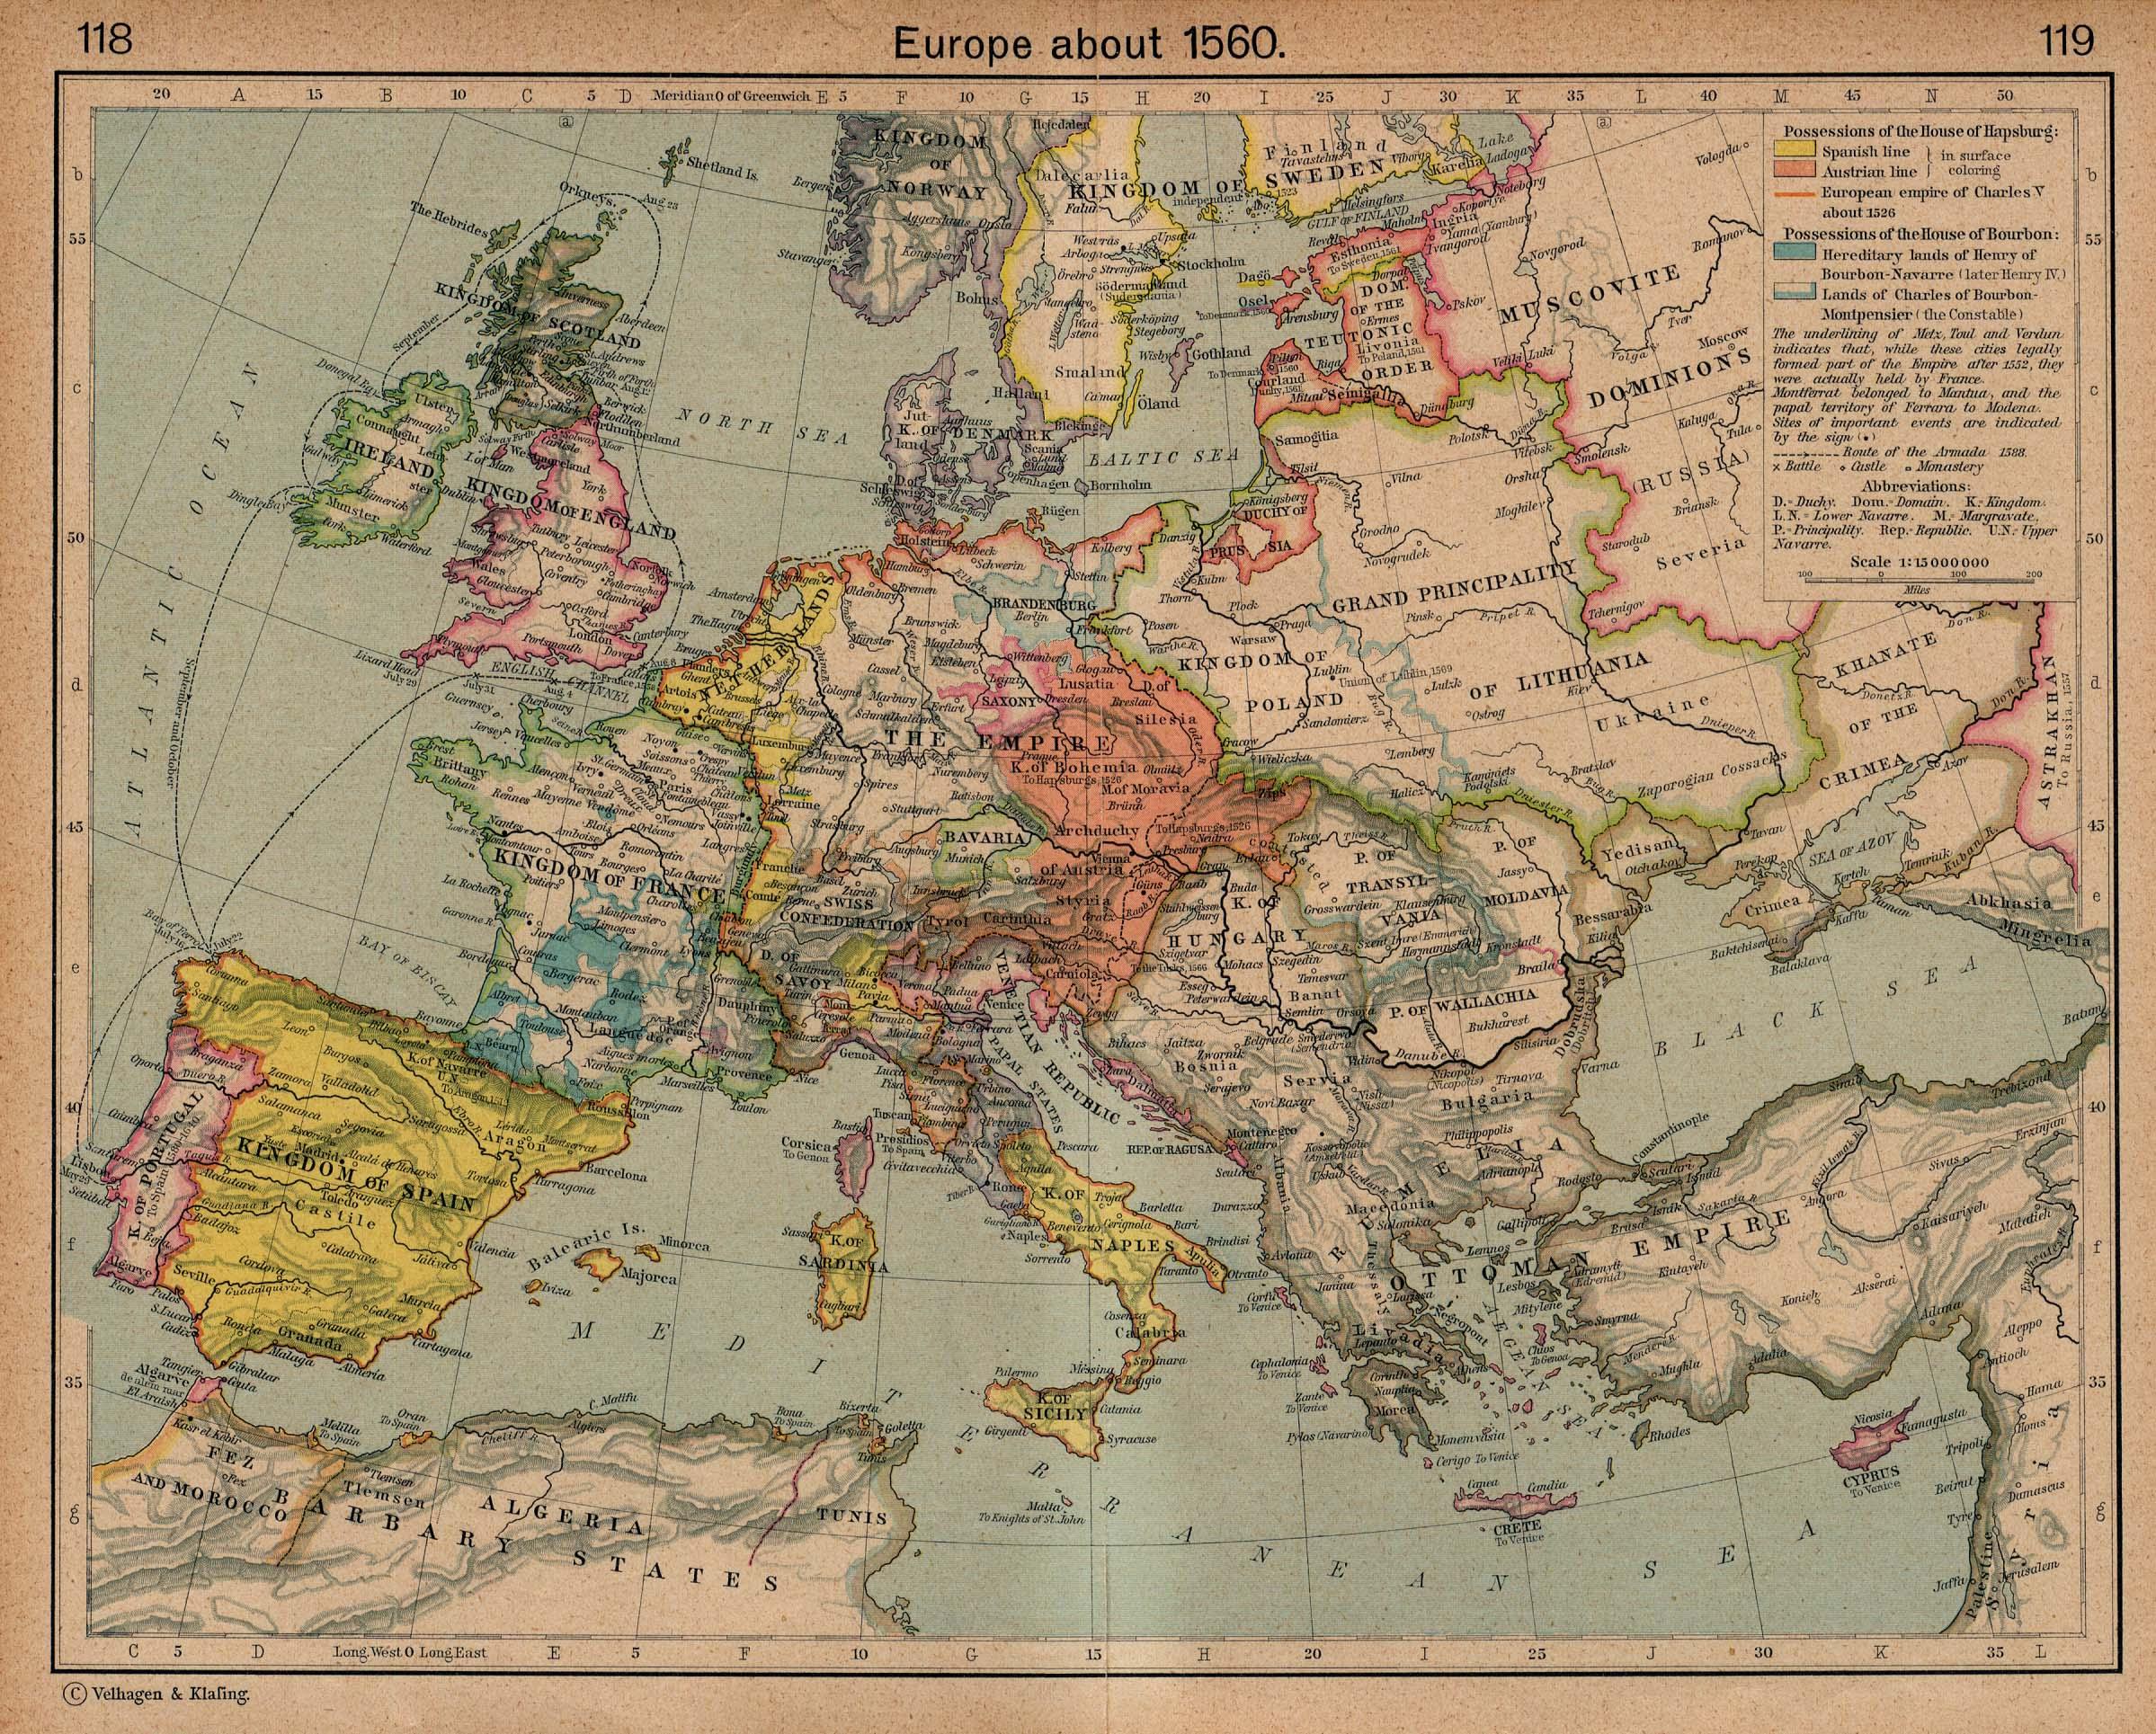 https://i0.wp.com/www.reisenett.no/map_collection/historical/Europe1560_Shepherd.jpg